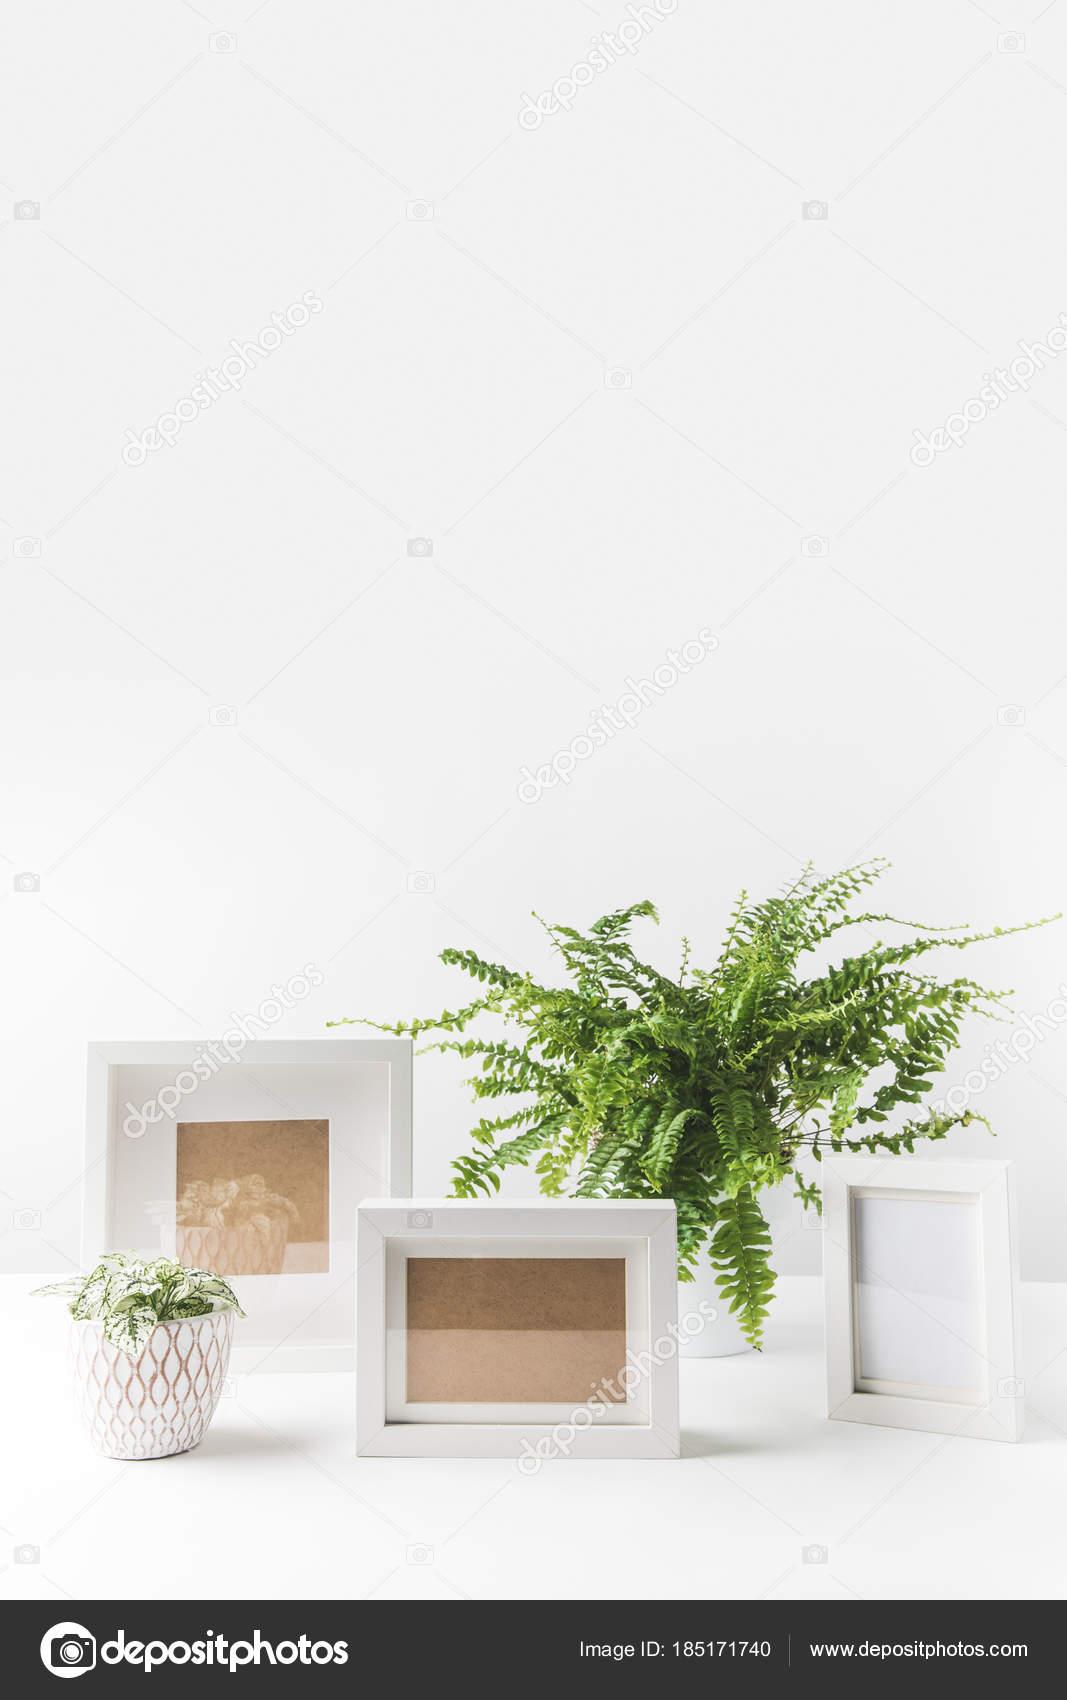 Hermosas Plantas Maceta Verdes Marcos Vacíos Blanco — Fotos de Stock ...